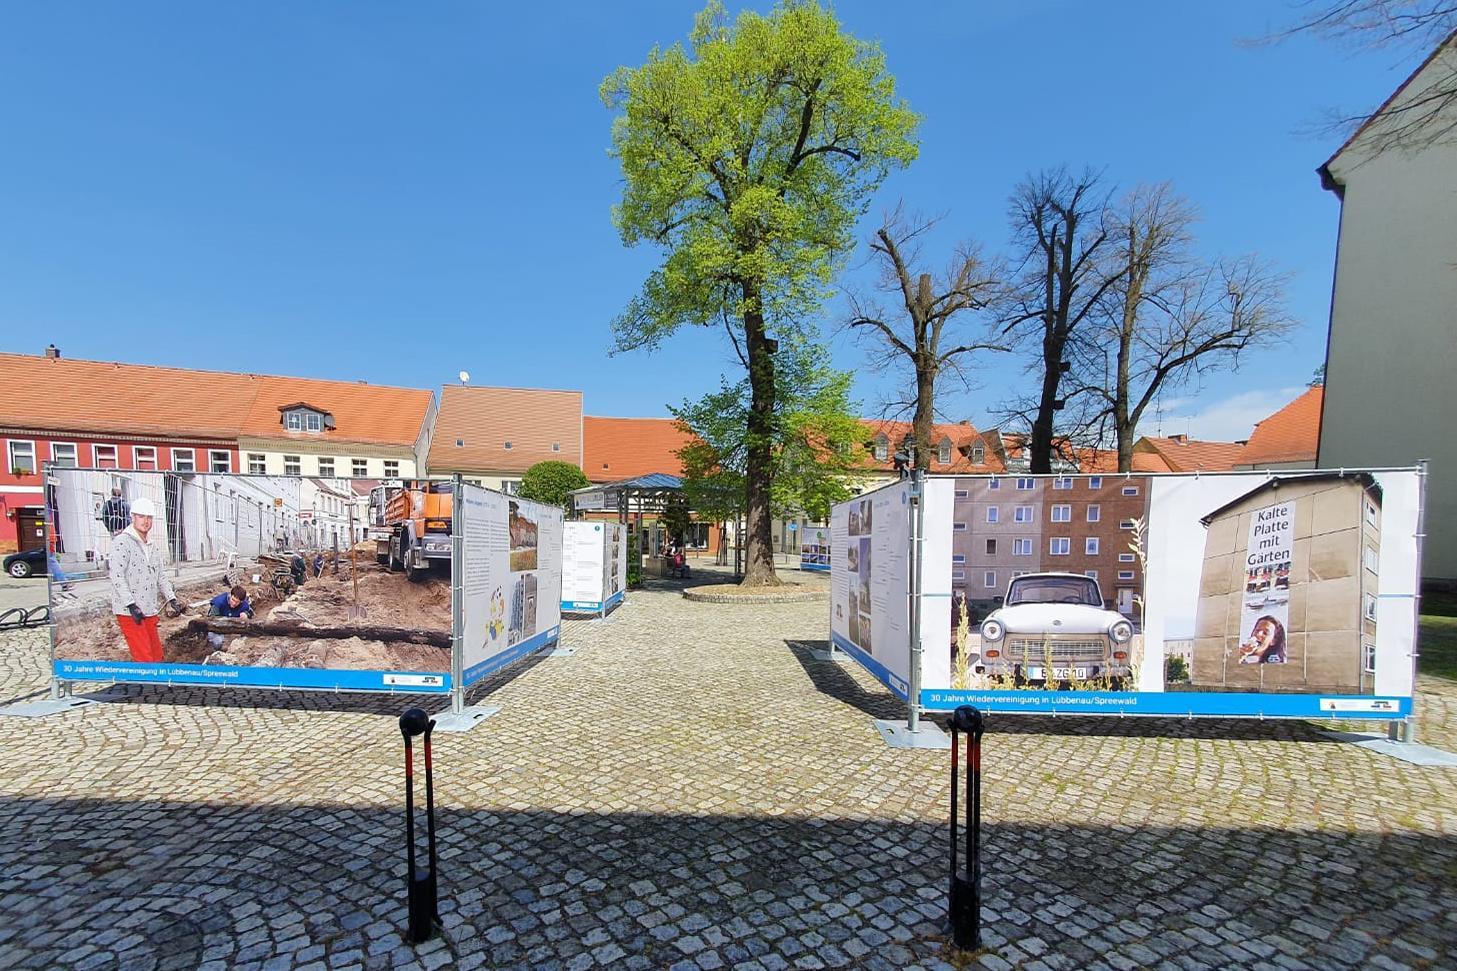 Bild3 Blick auf die Freiluftausstellung auf dem Lübbenauer Kirchplatz, Quelle: LUEBBENAUBRUECKE, Michael Hensel